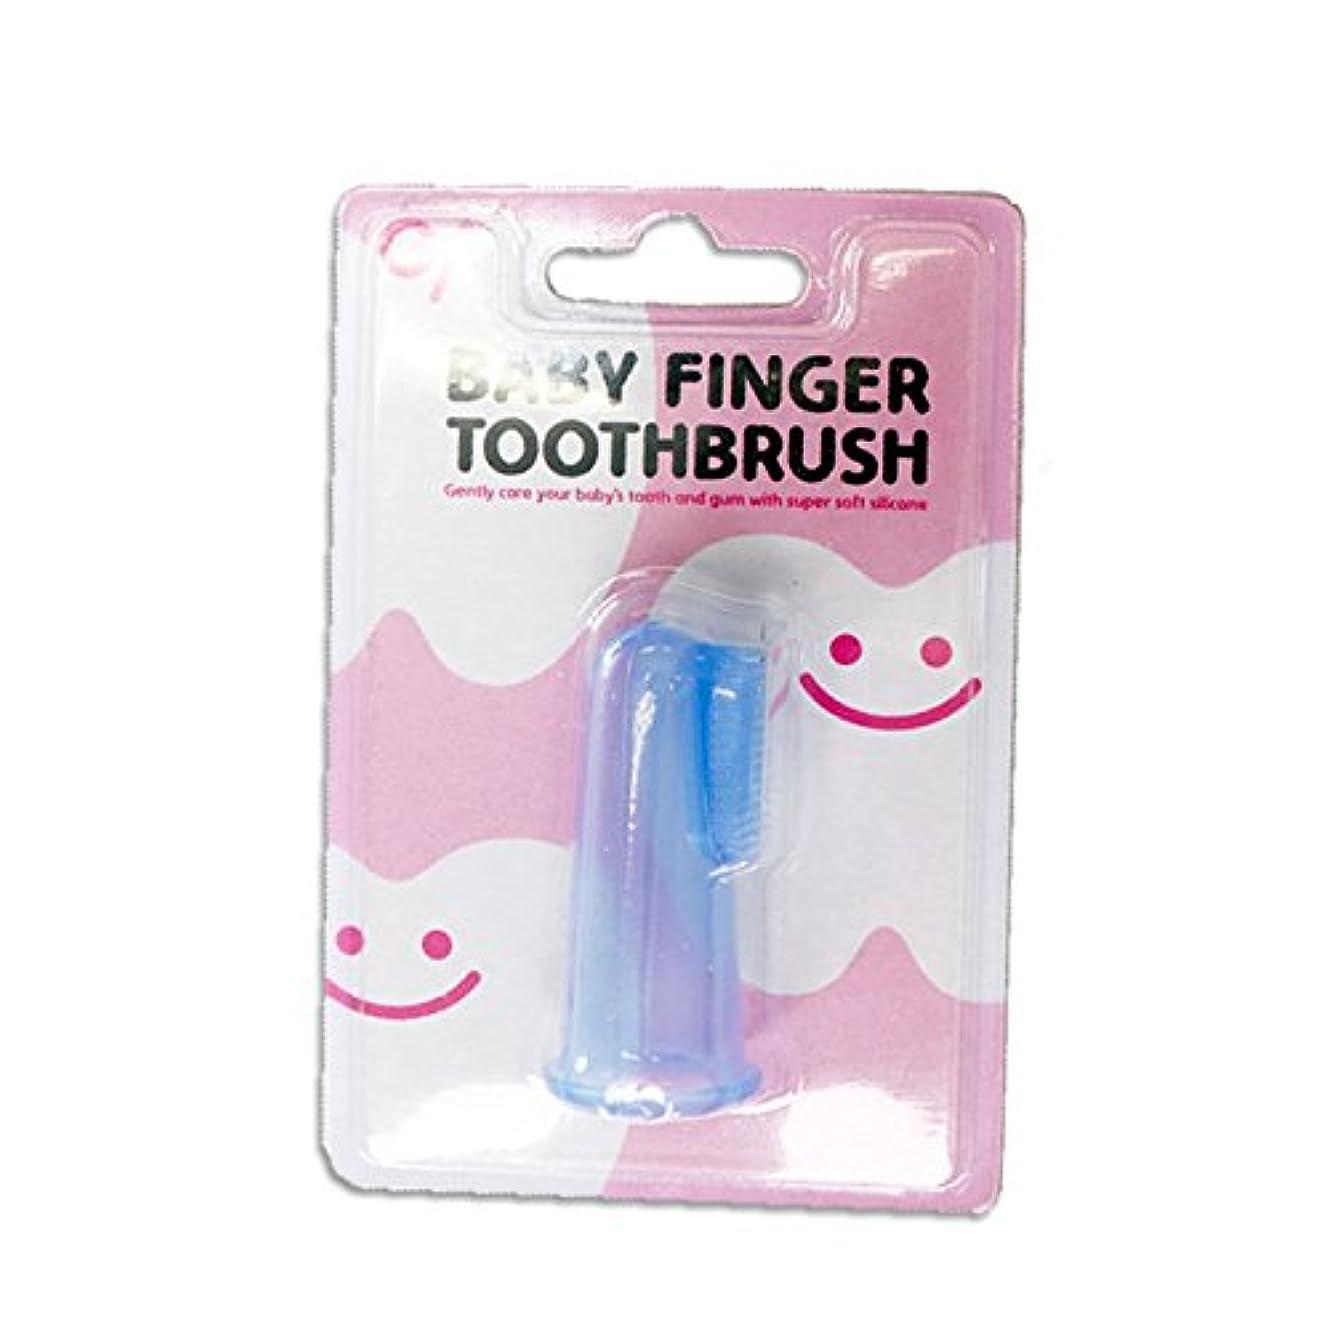 ベビーフィンガートゥースブラッシュ ベビーフィンガー歯ブラシ 12個入り BABY FINGER TOOTHBRUSH